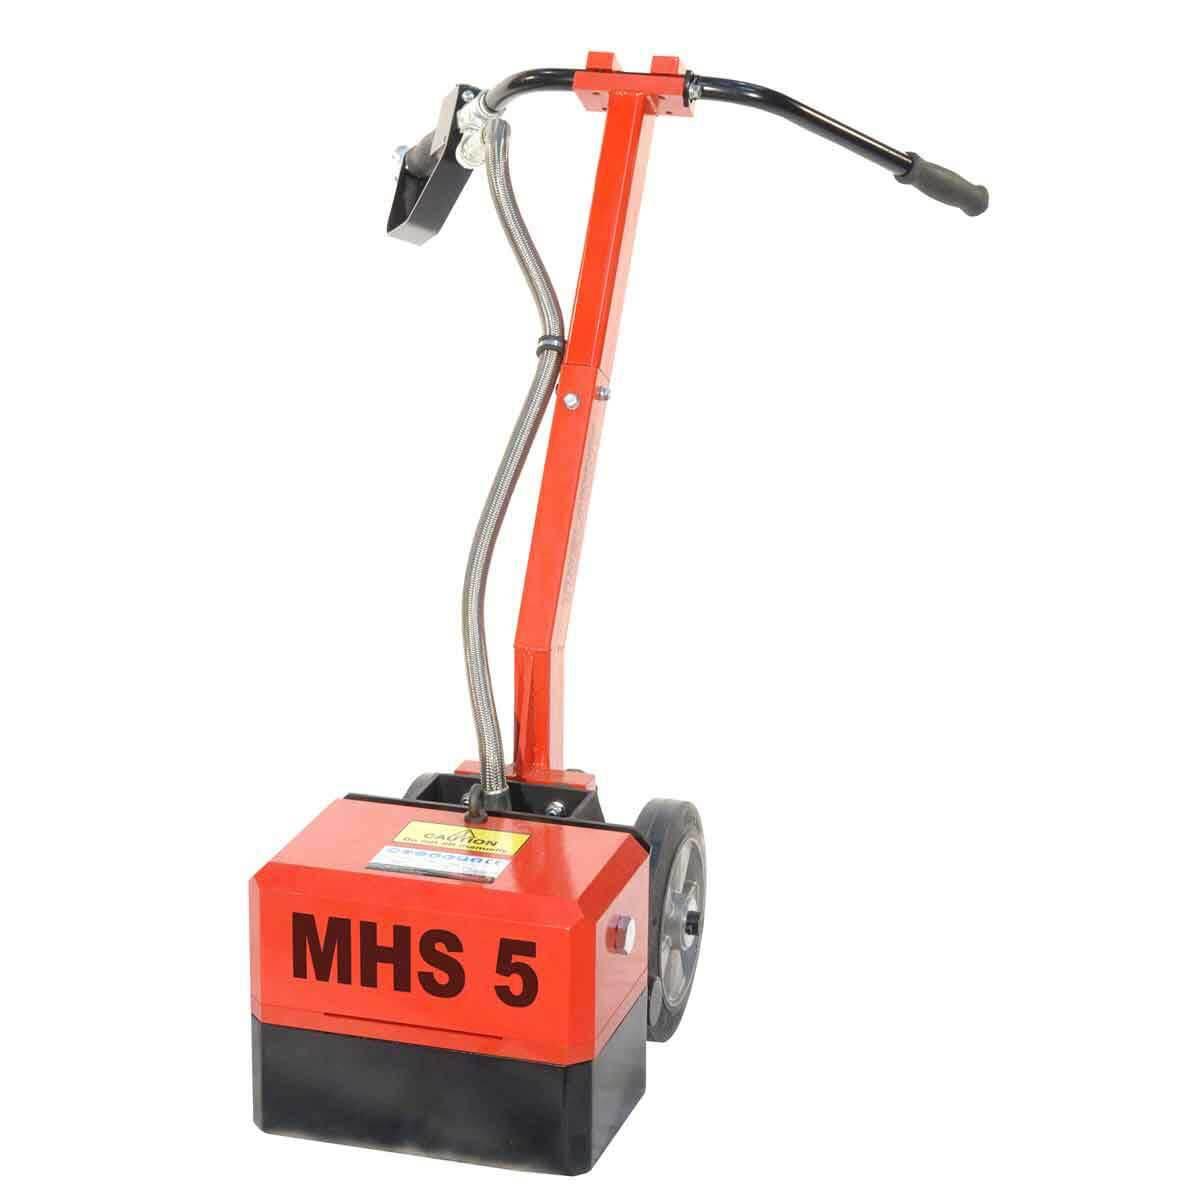 CS Unitec MHS5 floor scabbler